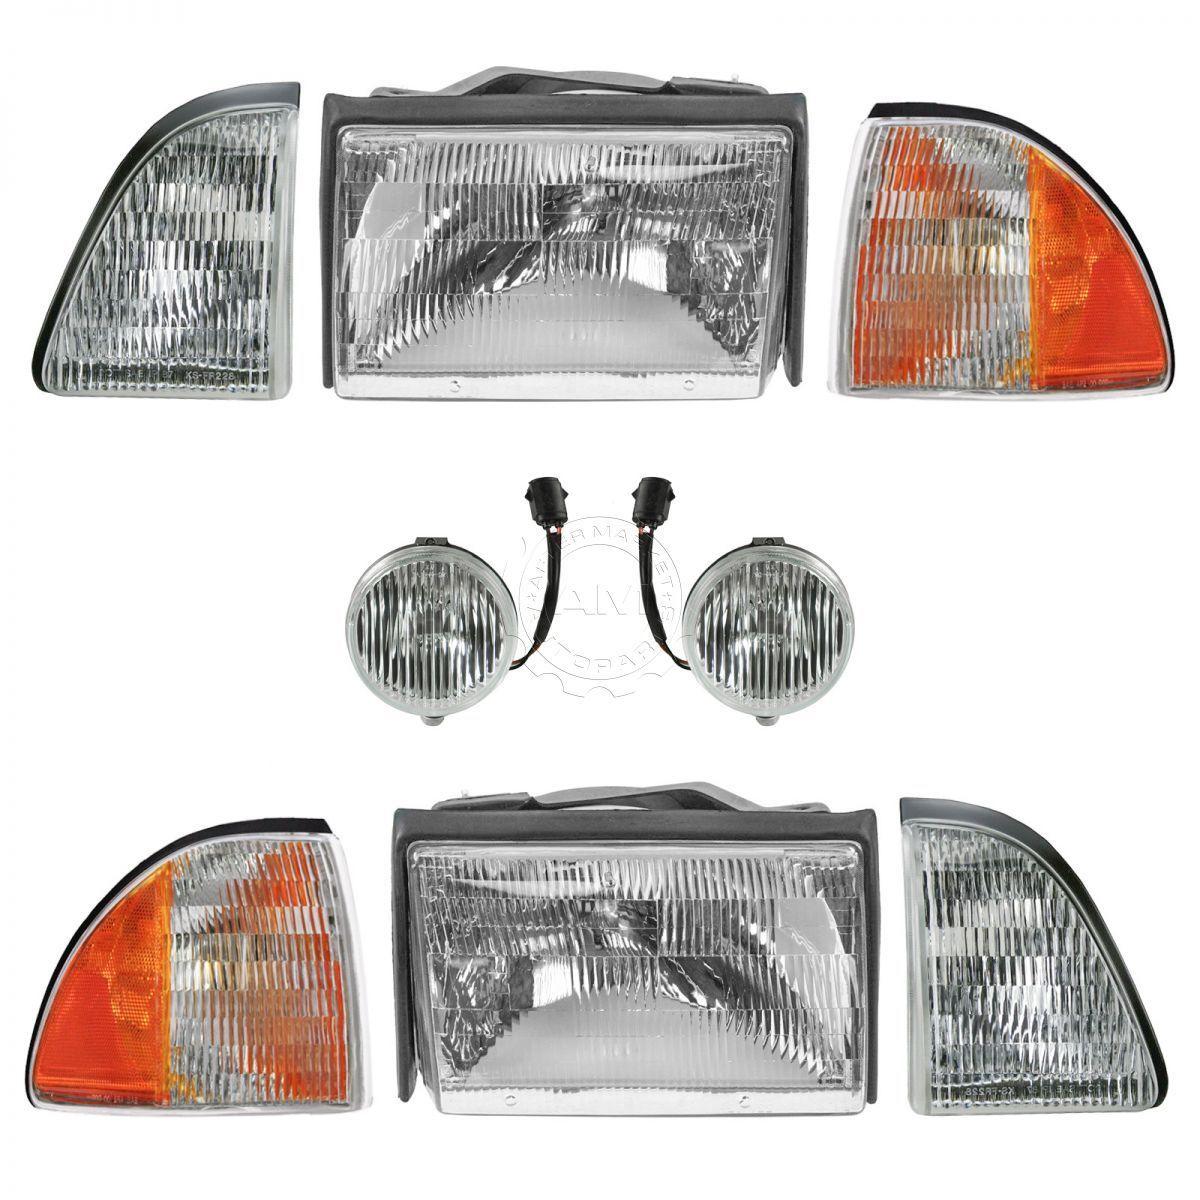 コーナーライト Headlight Parking Fog Turn Signal Light Kit 8 Piece Set for 87-93 Ford Mustang ヘッドライトパーキングフォグターンシグナルライトキット87-93 Ford Mustang用8ピースセット